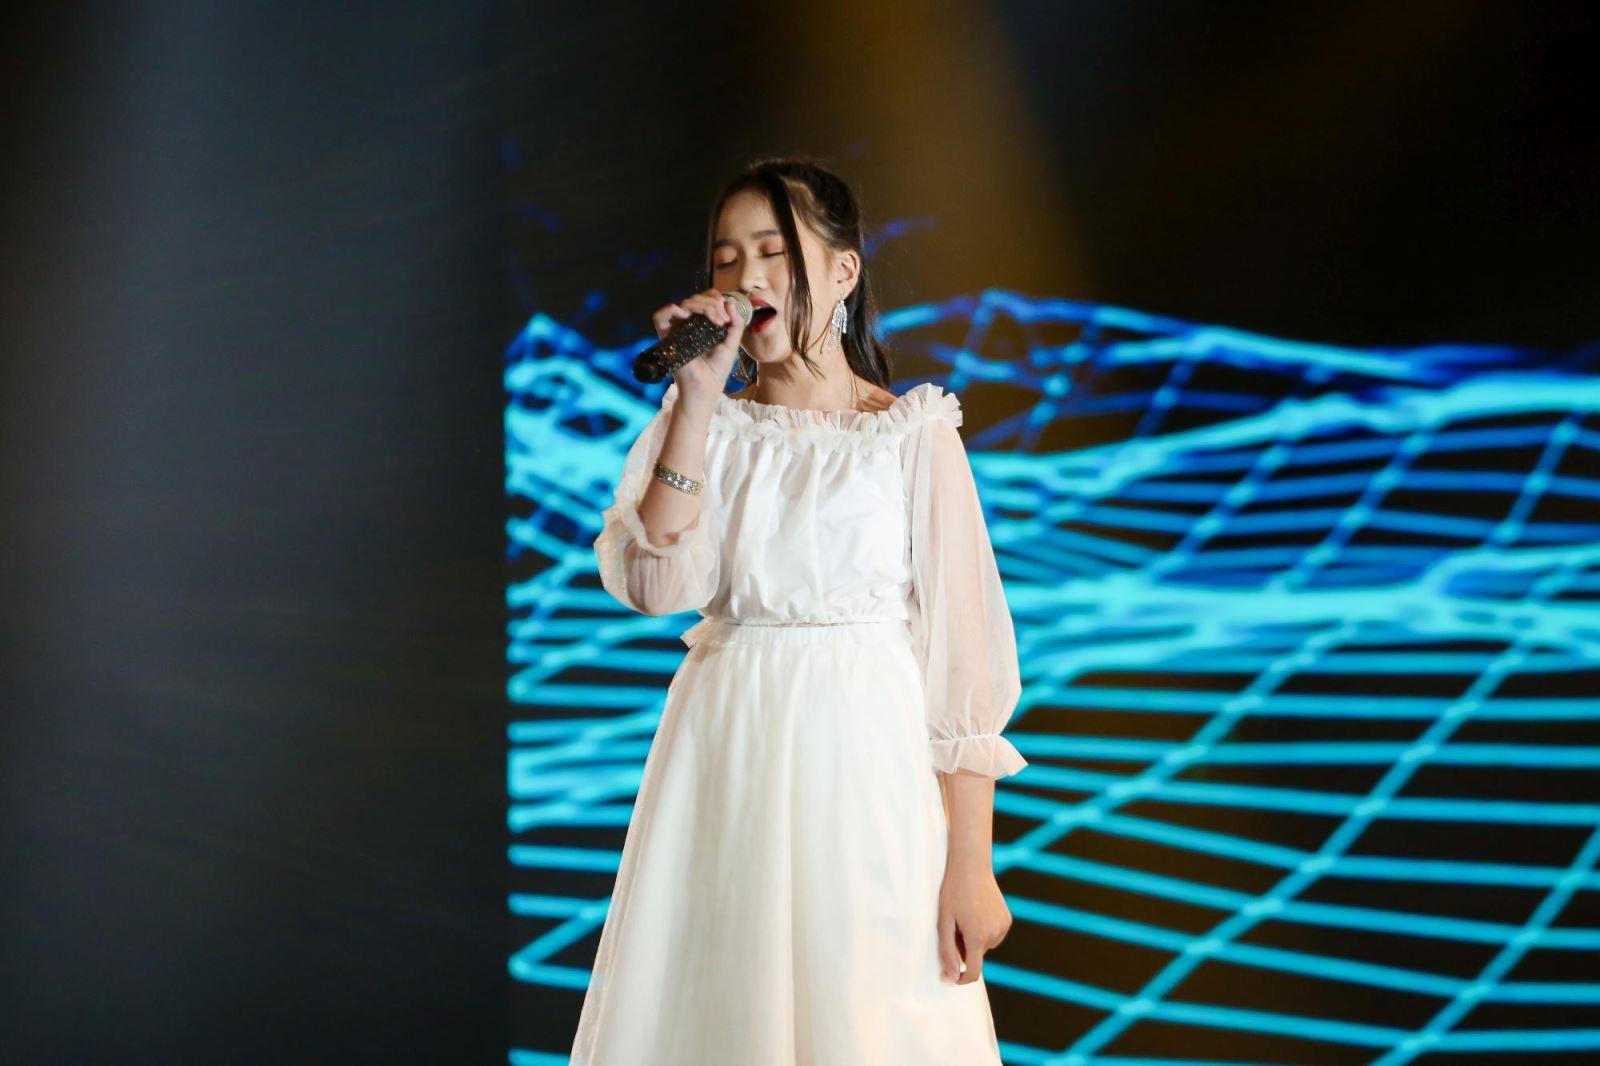 'Giọng hát Việt nhí':Emily lầncông kích Hưng Cao chưa có bài lọt top 1 trending